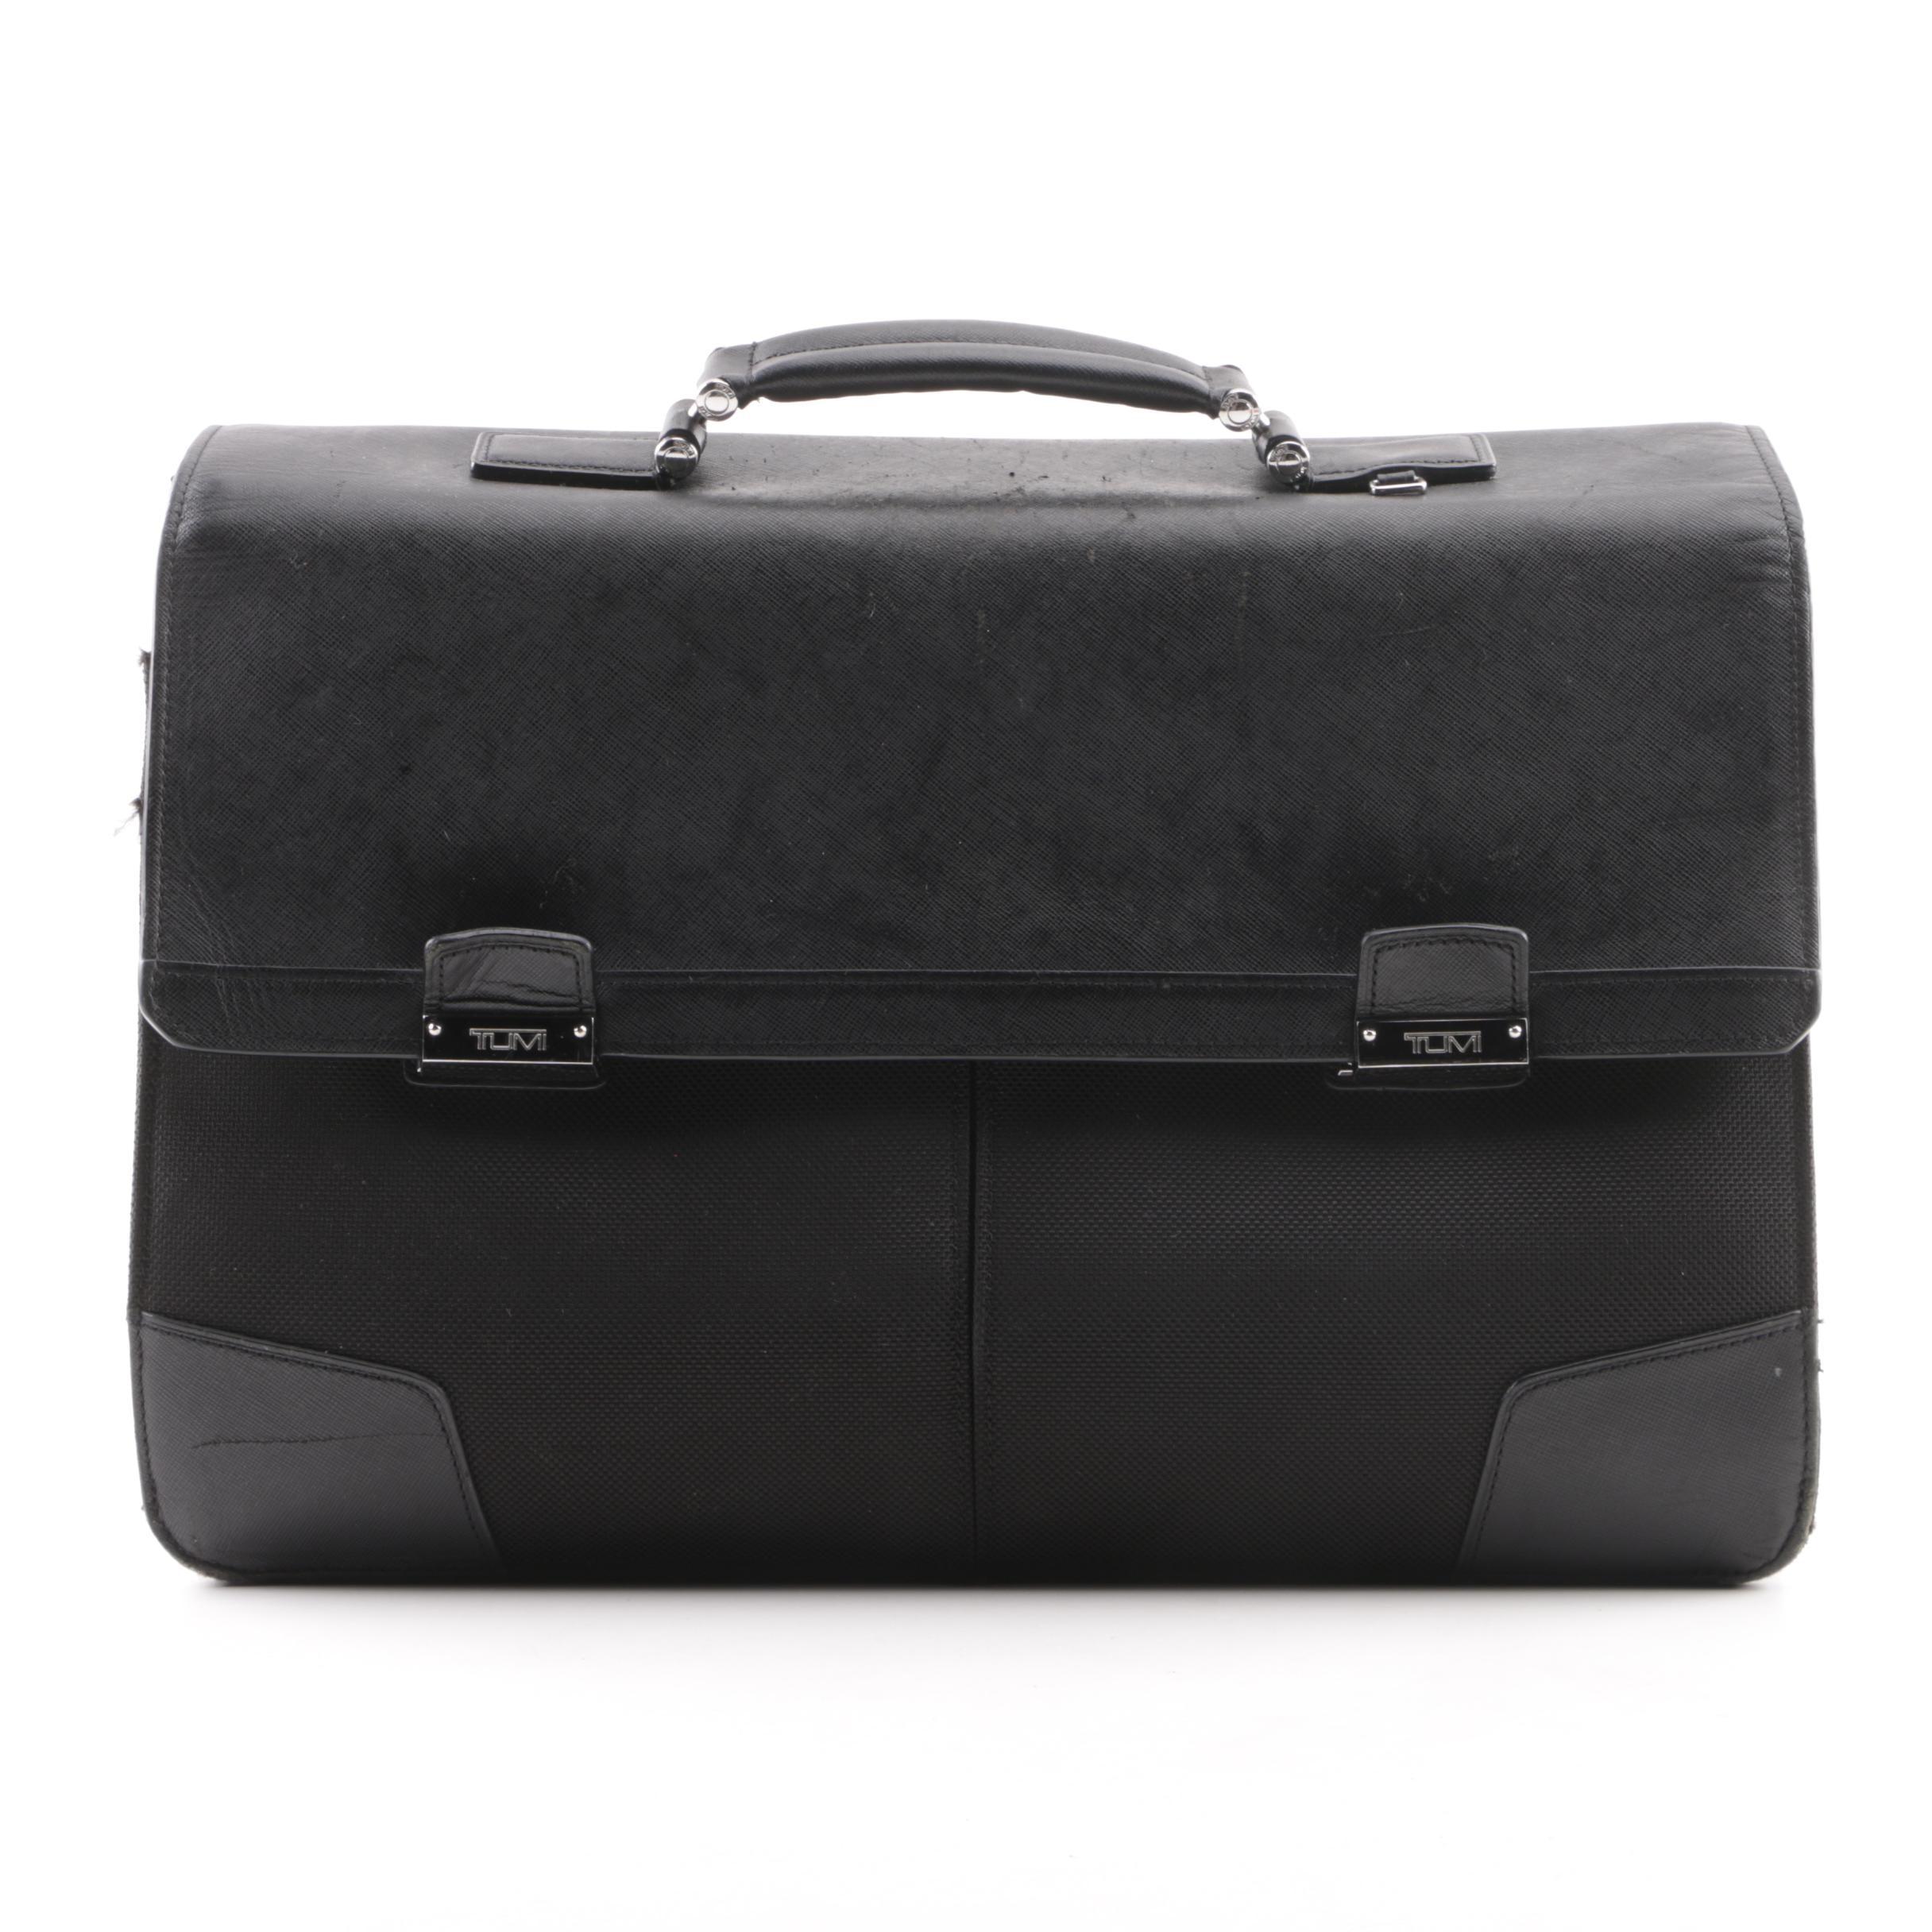 Tumi Black Saffiano Leather and Nylon Briefcase